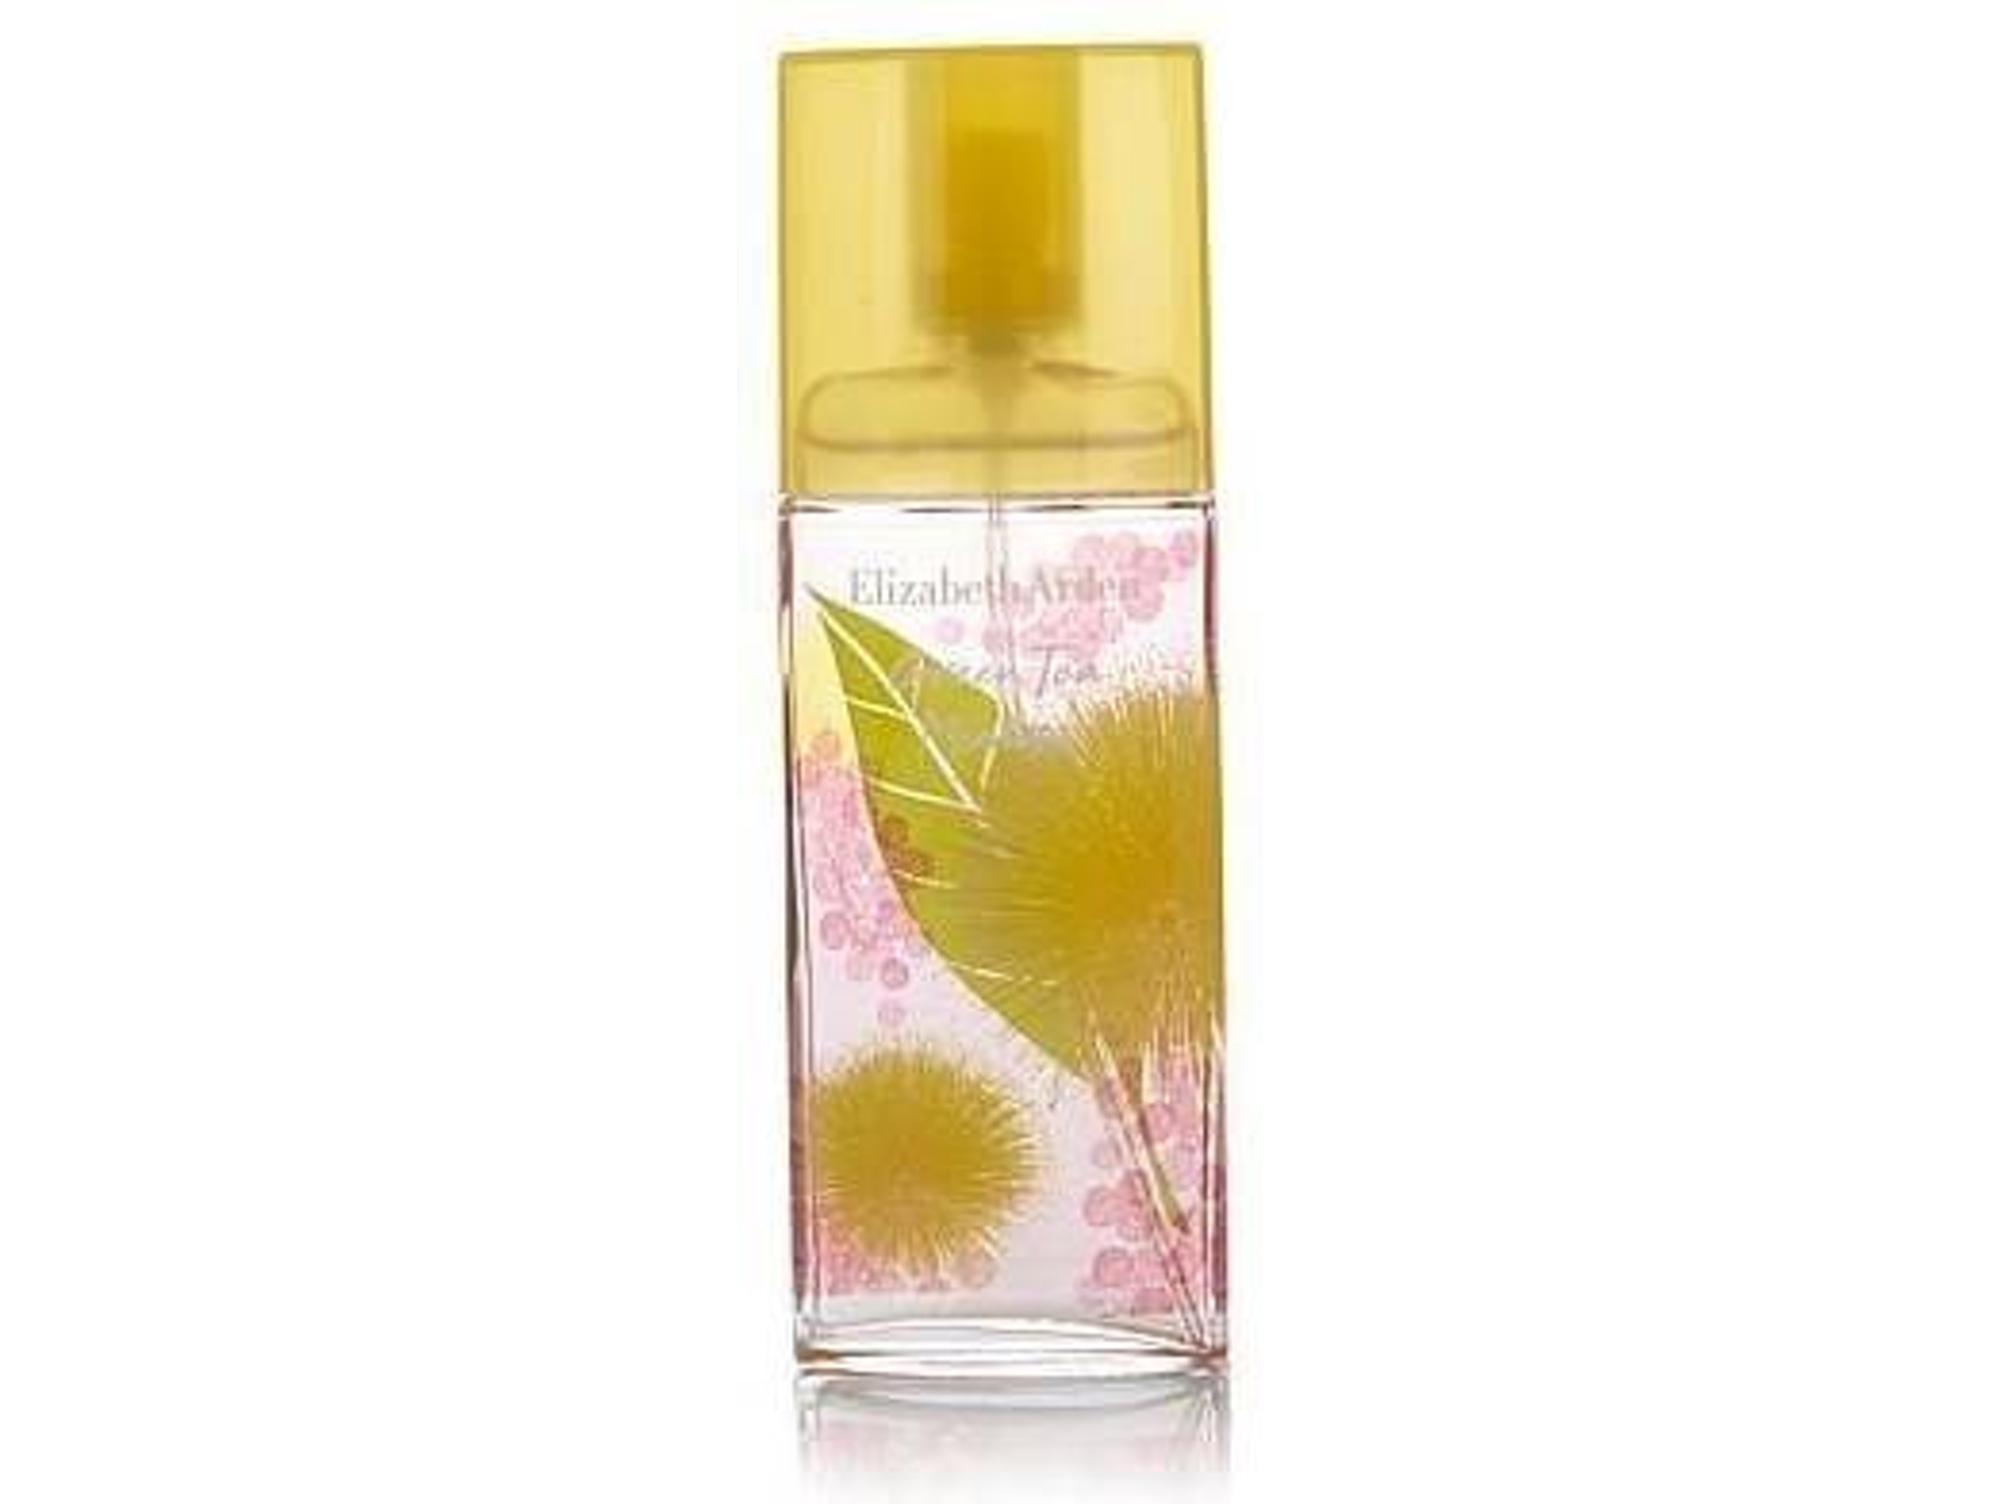 mimosa perfume elizabeth arden